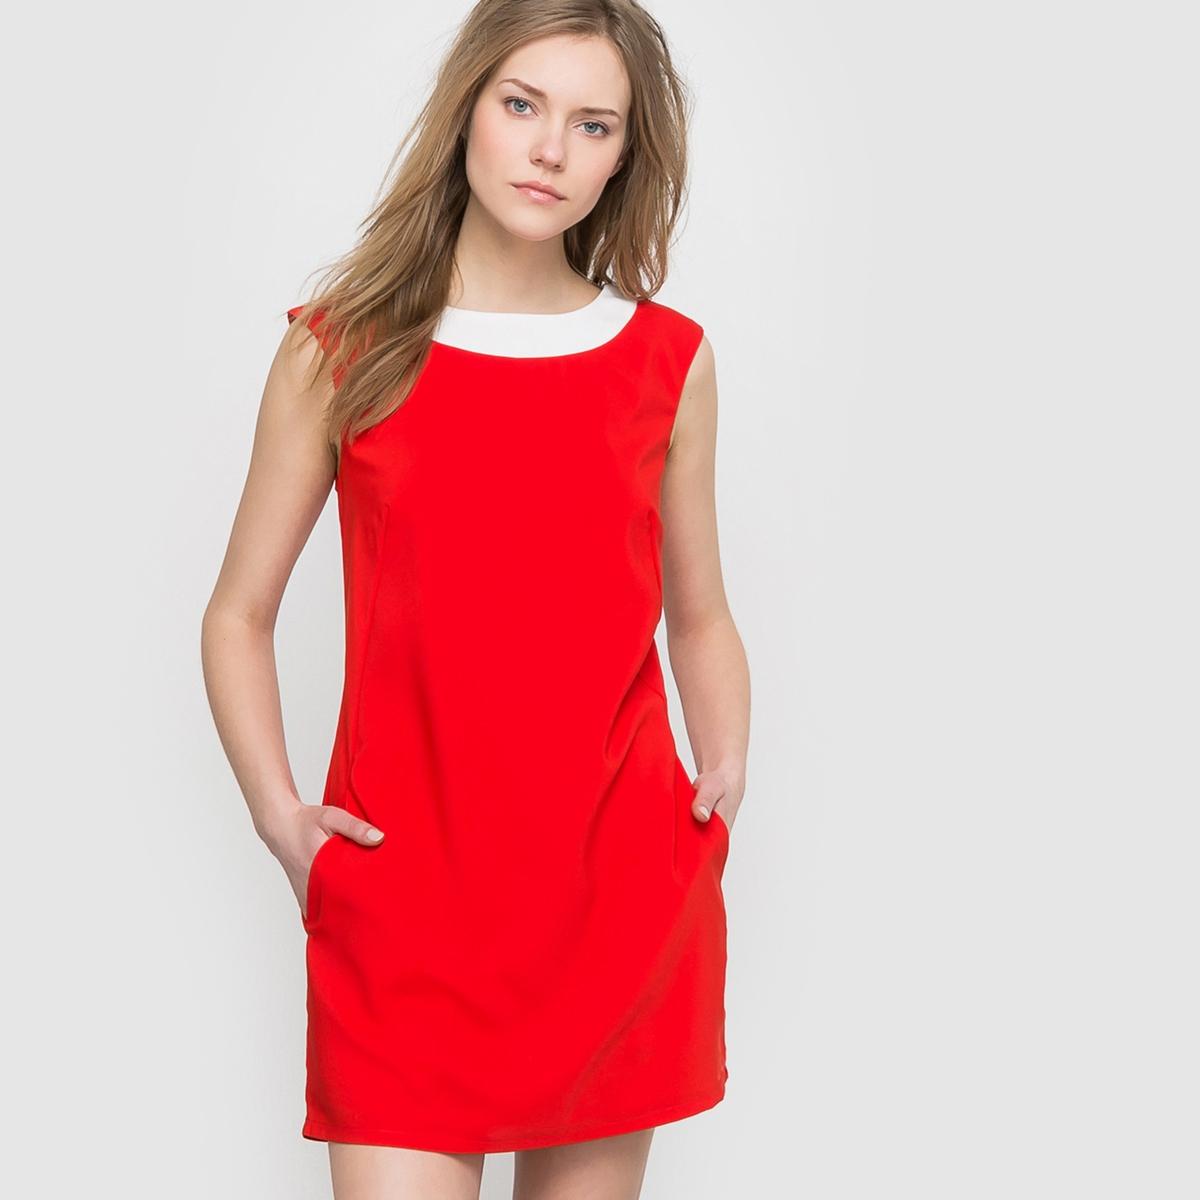 Платье с вырезом сзадиСостав и описаниеМарка: MOLLY BRACKEN.Материалы: 100% полиэстер.УходМожно стирать в машине при 30° С в режиме для деликатных тканей.Гладить на низкой температуре.Машинная сушка запрещена.<br><br>Цвет: красный<br>Размер: S